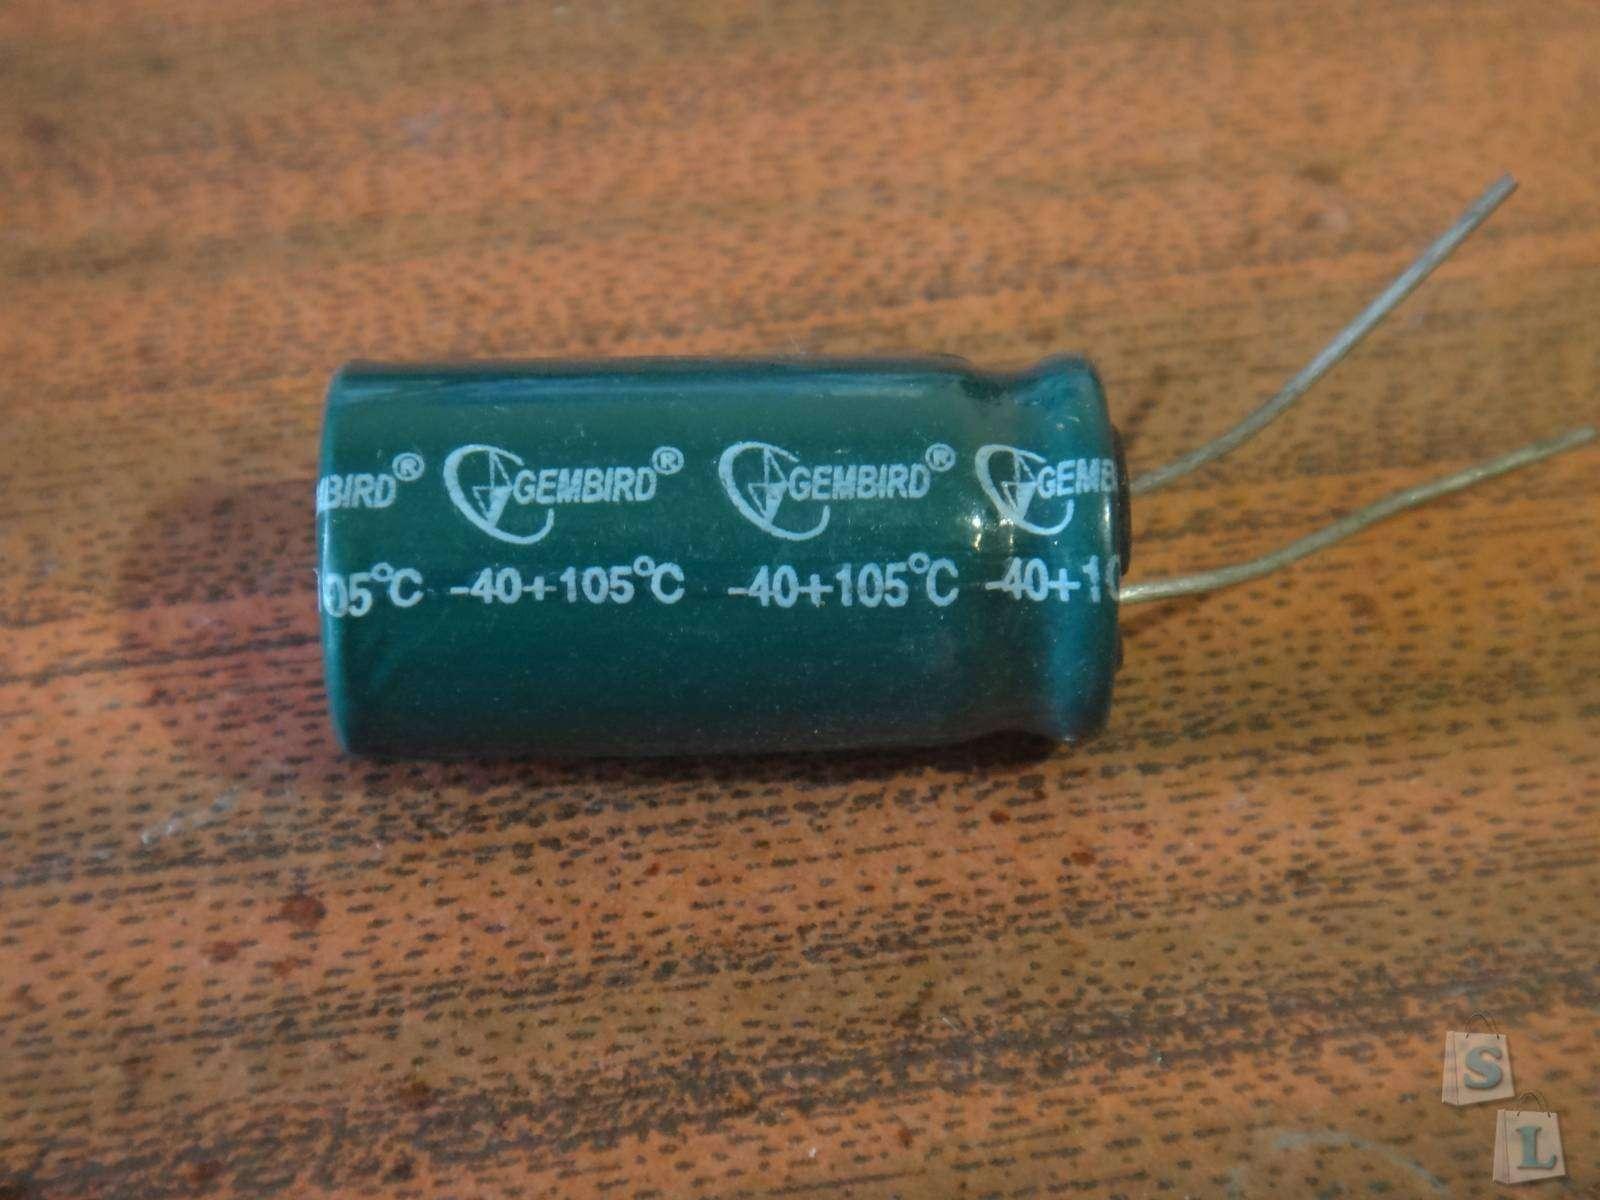 Делаем свет LED ламп безопаснее дешево или замена конденсатора в драйвере лампы на более емкий